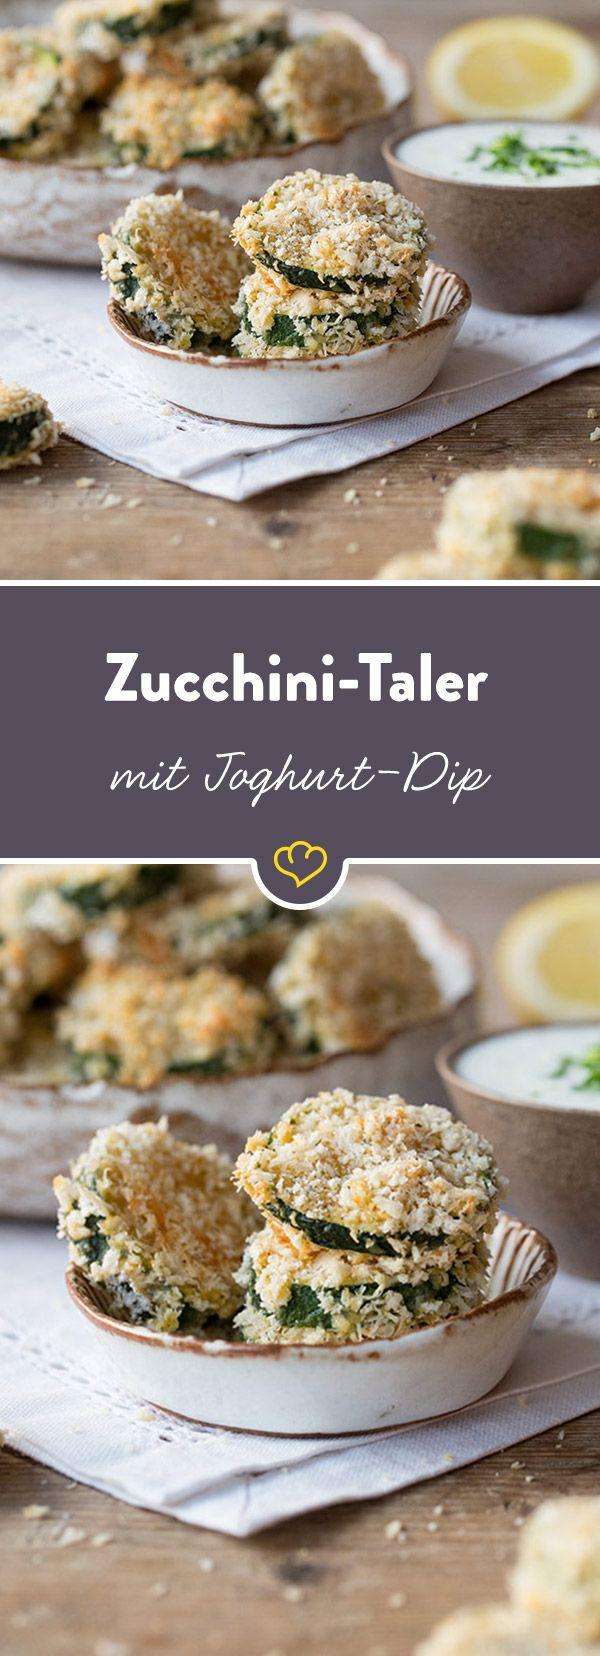 Mediterrane Leichtigkeit gepaart mit knusprigem Parmesan und leichtem Joghurt-Dip: Diesen Zucchini-Talern kann keiner widerstehen.